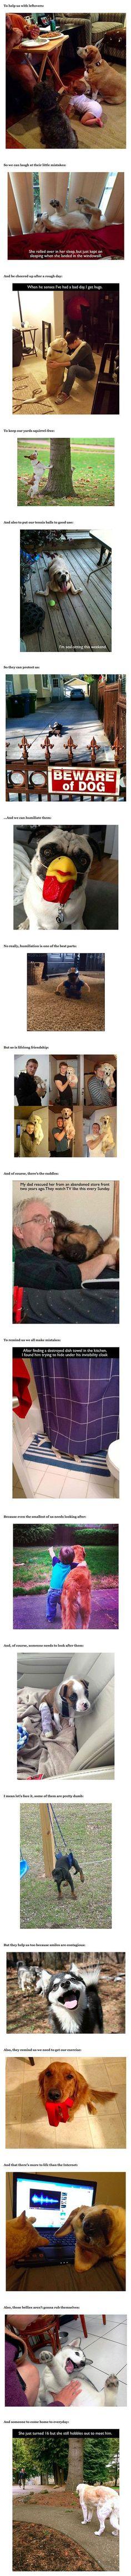 ¿Por qué los perros son lo mejor de todas las cosas .: